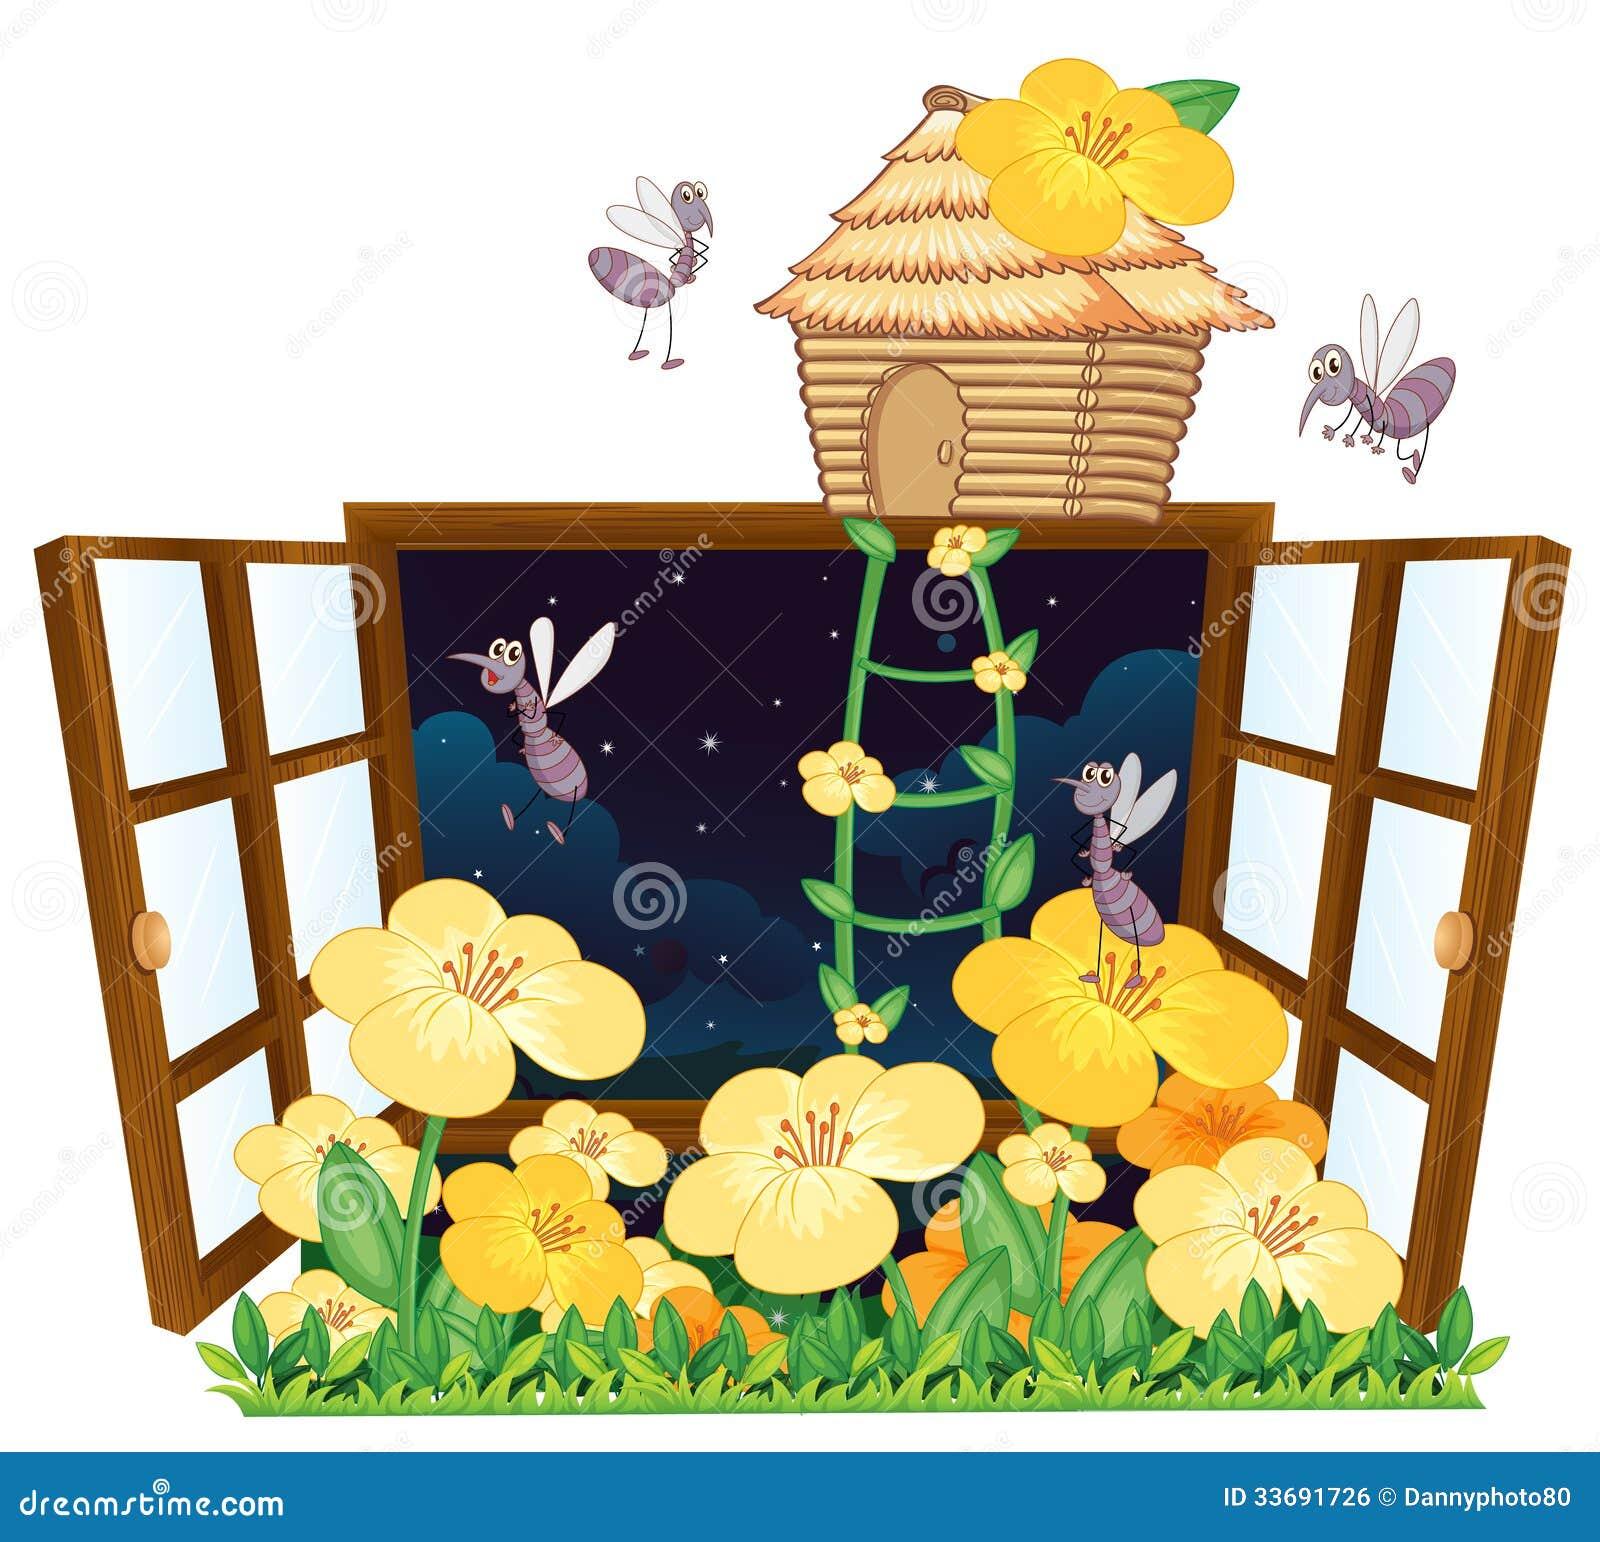 moustique maison d 39 oiseau et fen tre image libre de droits image 33691726. Black Bedroom Furniture Sets. Home Design Ideas